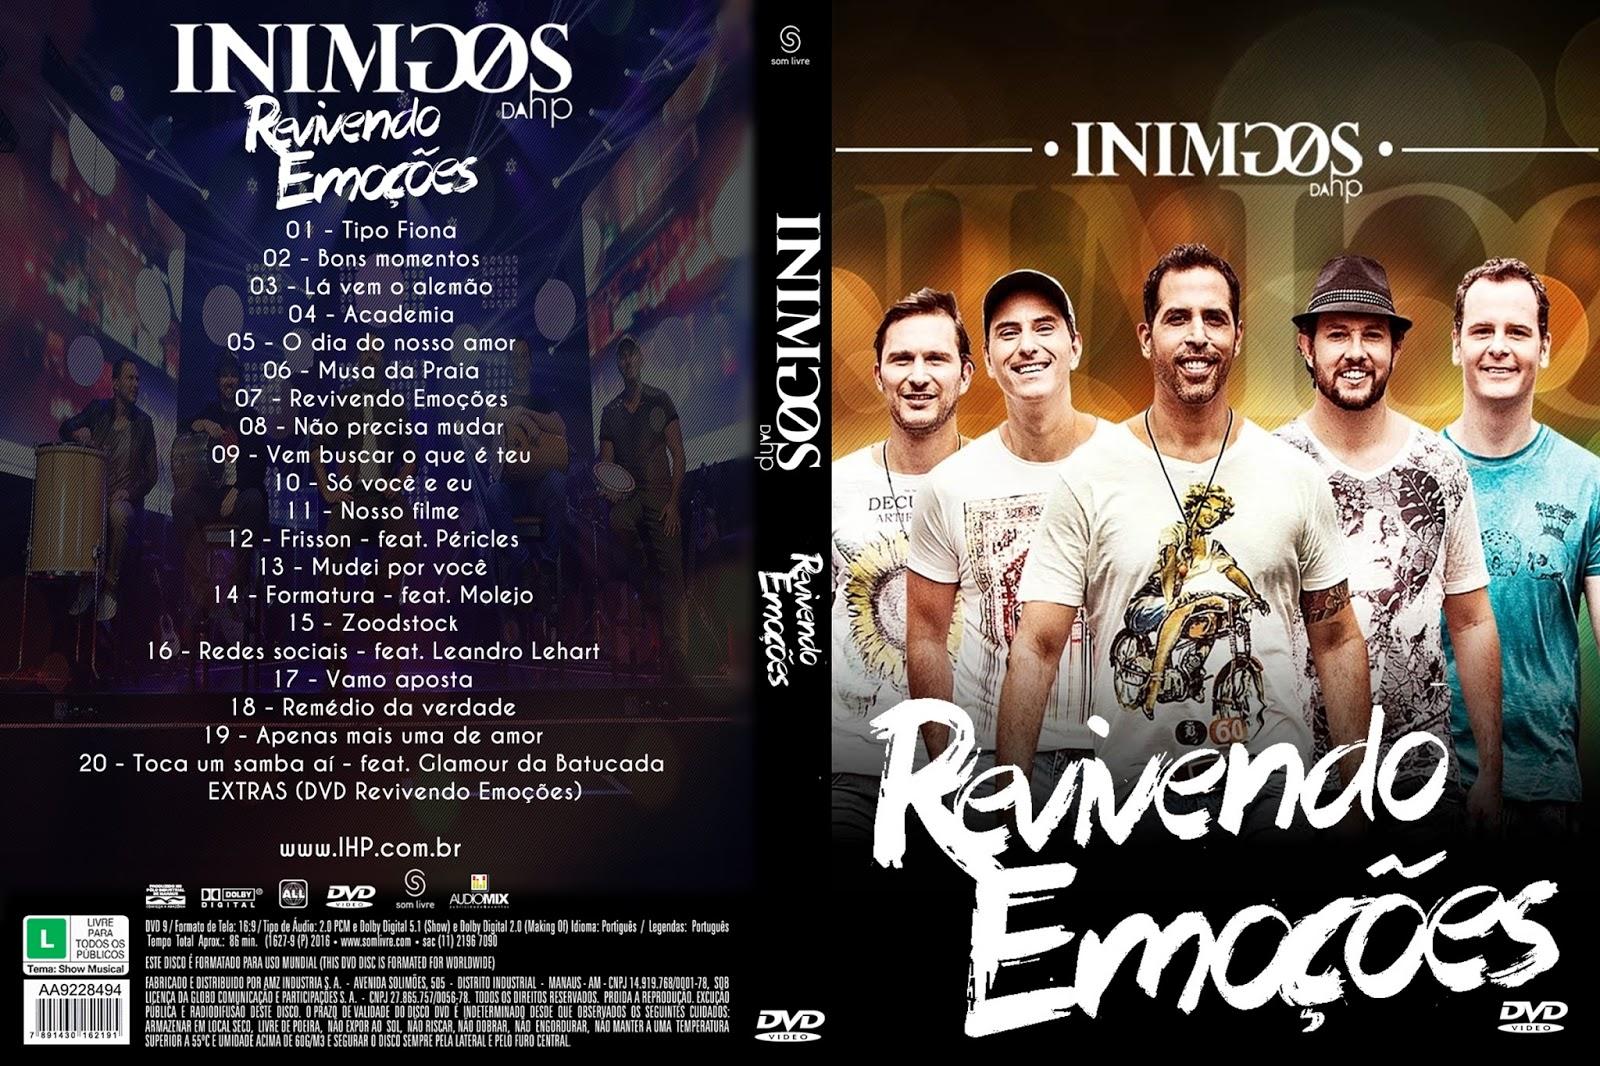 dvd do inimigos da hp gratis